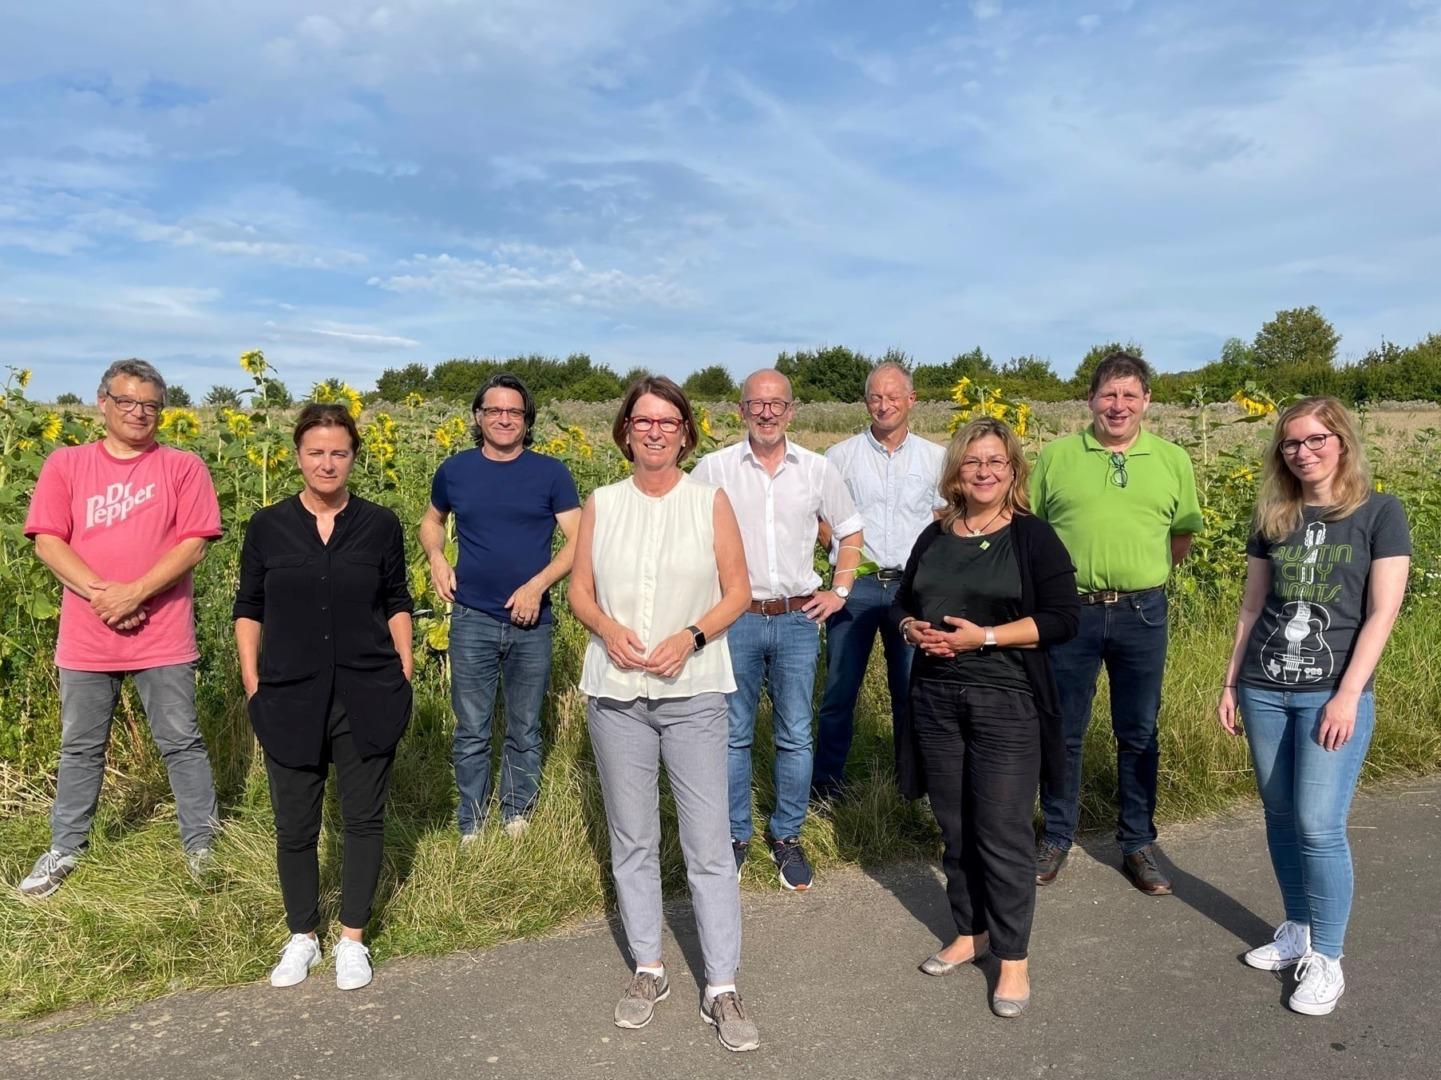 Priska Hinz eröffnet Feldflurprojekt in Eiterfeld